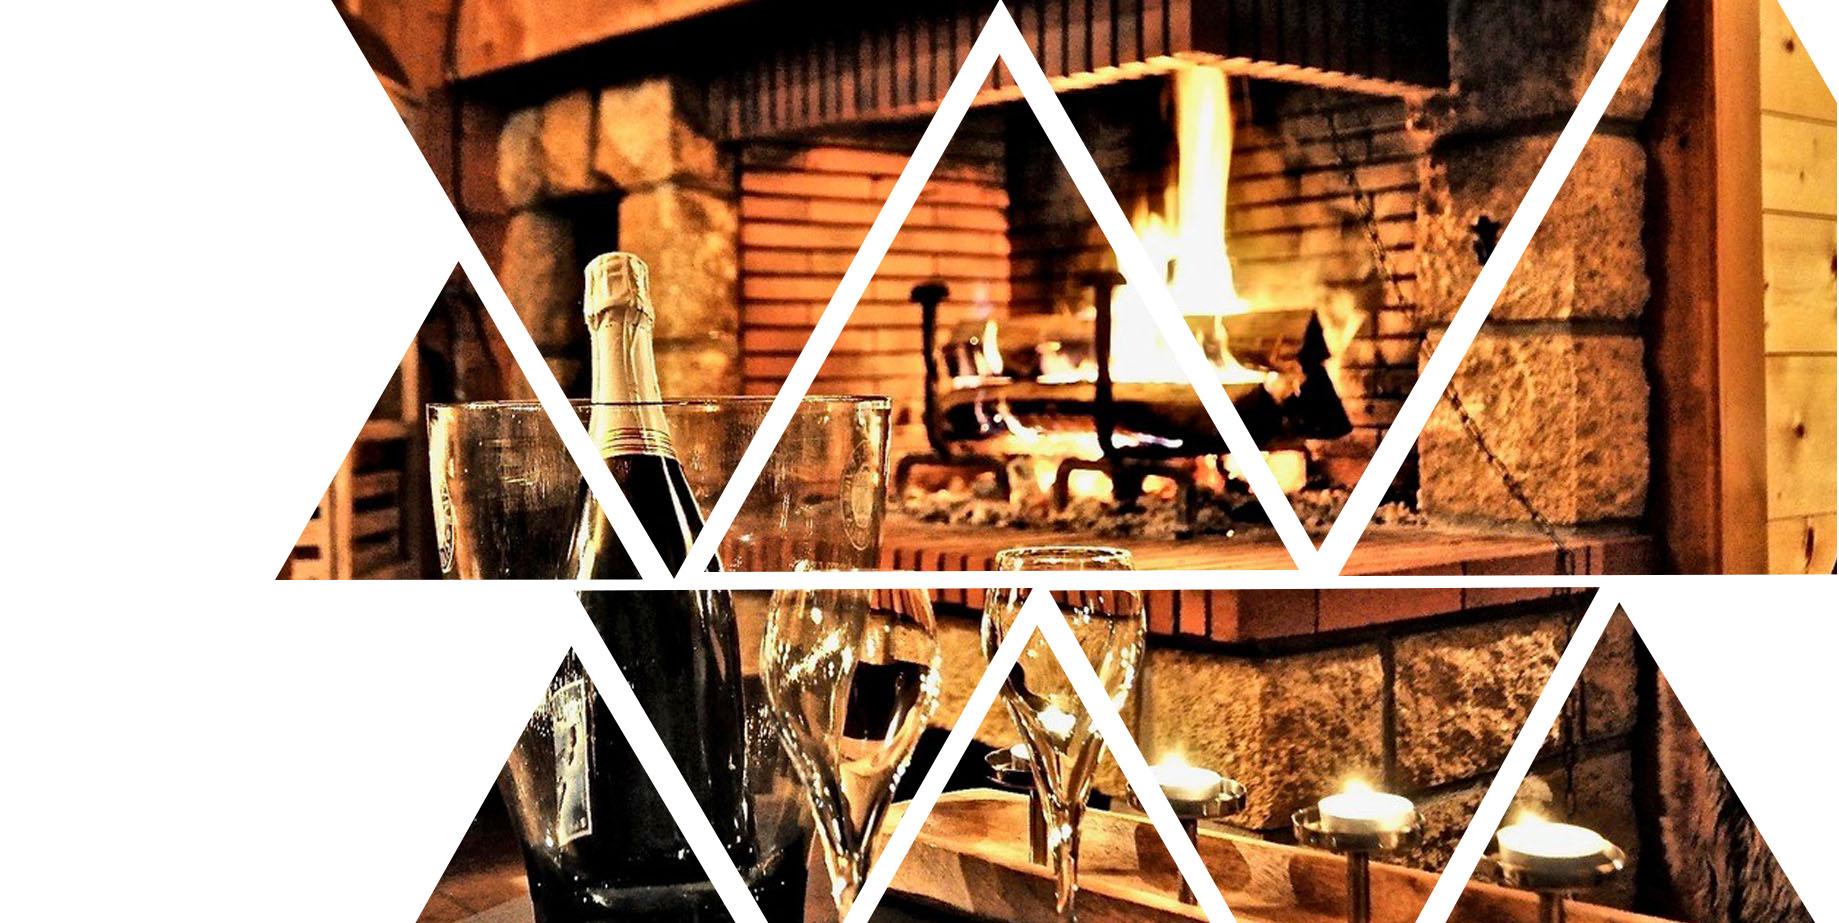 photo de la cheminée de l'hôtel avec fond sur polygone